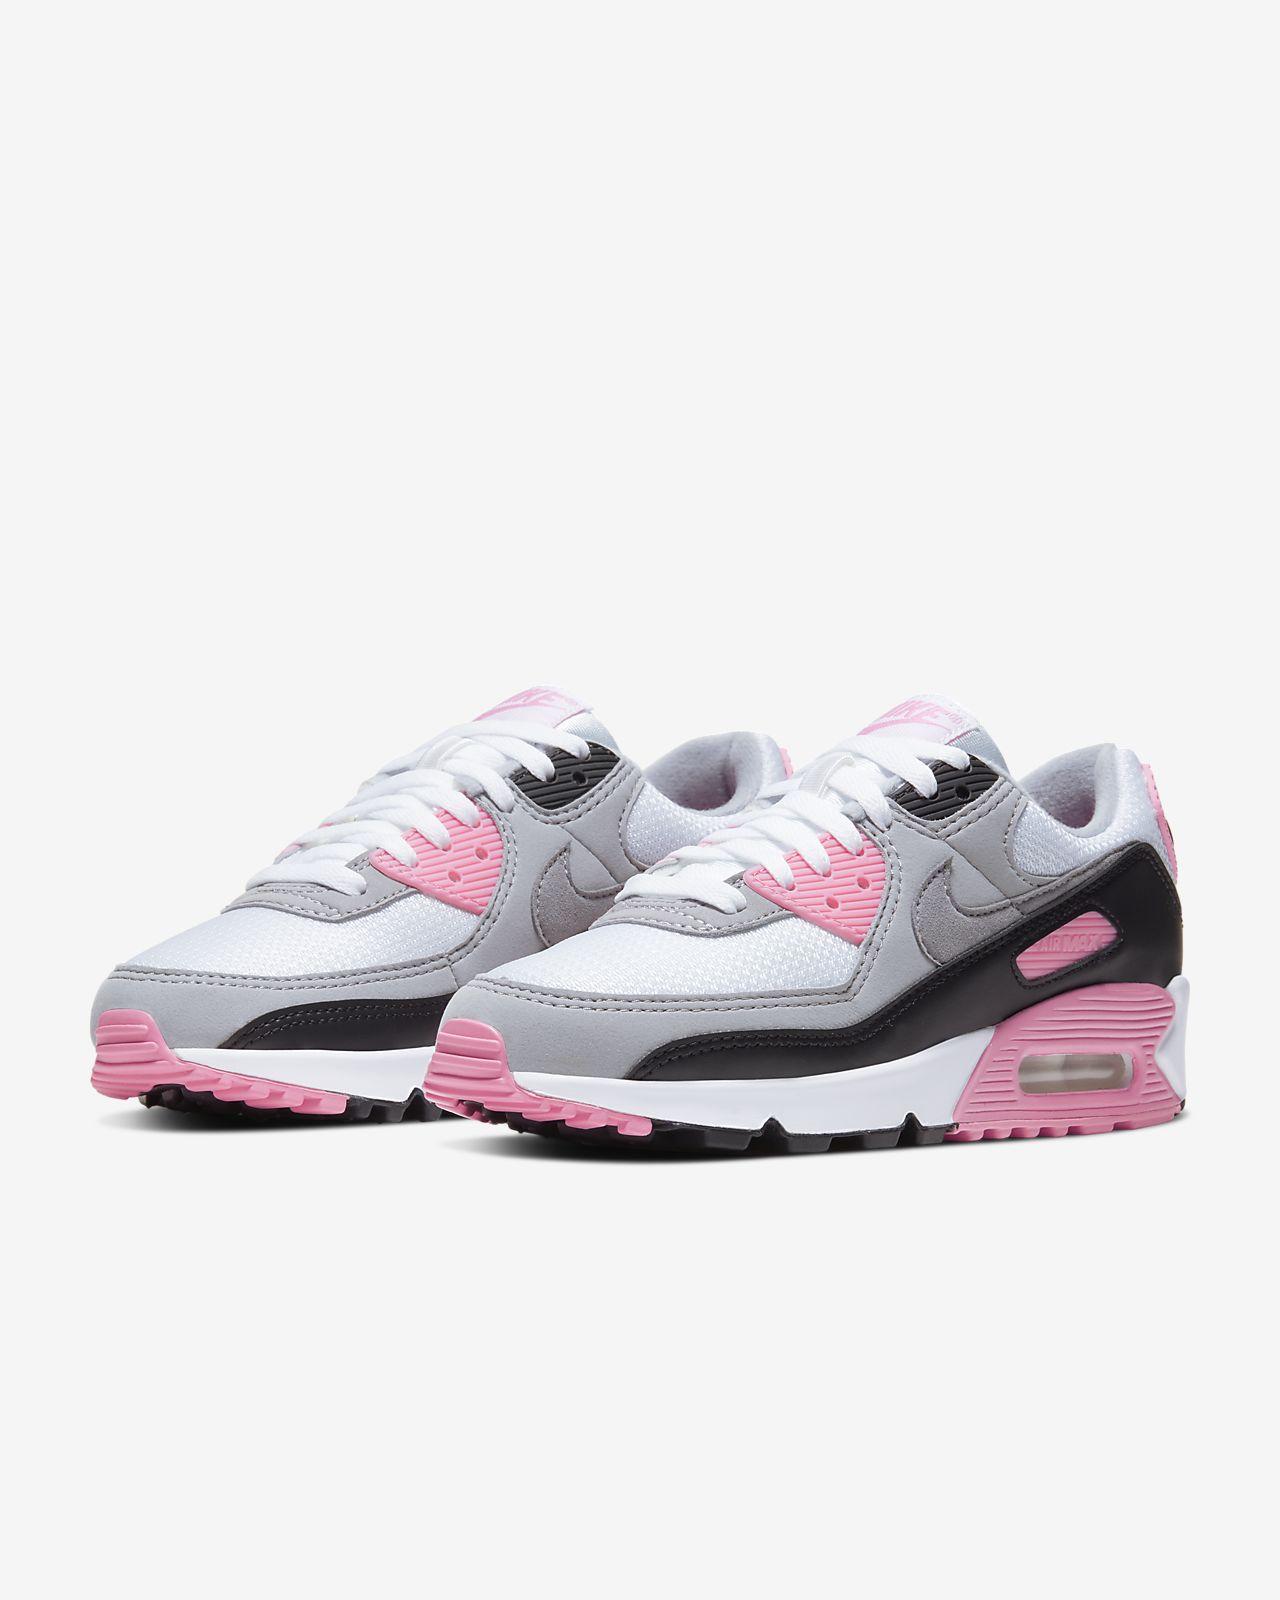 Nike Air Max 90 Pink CD0490 102 |